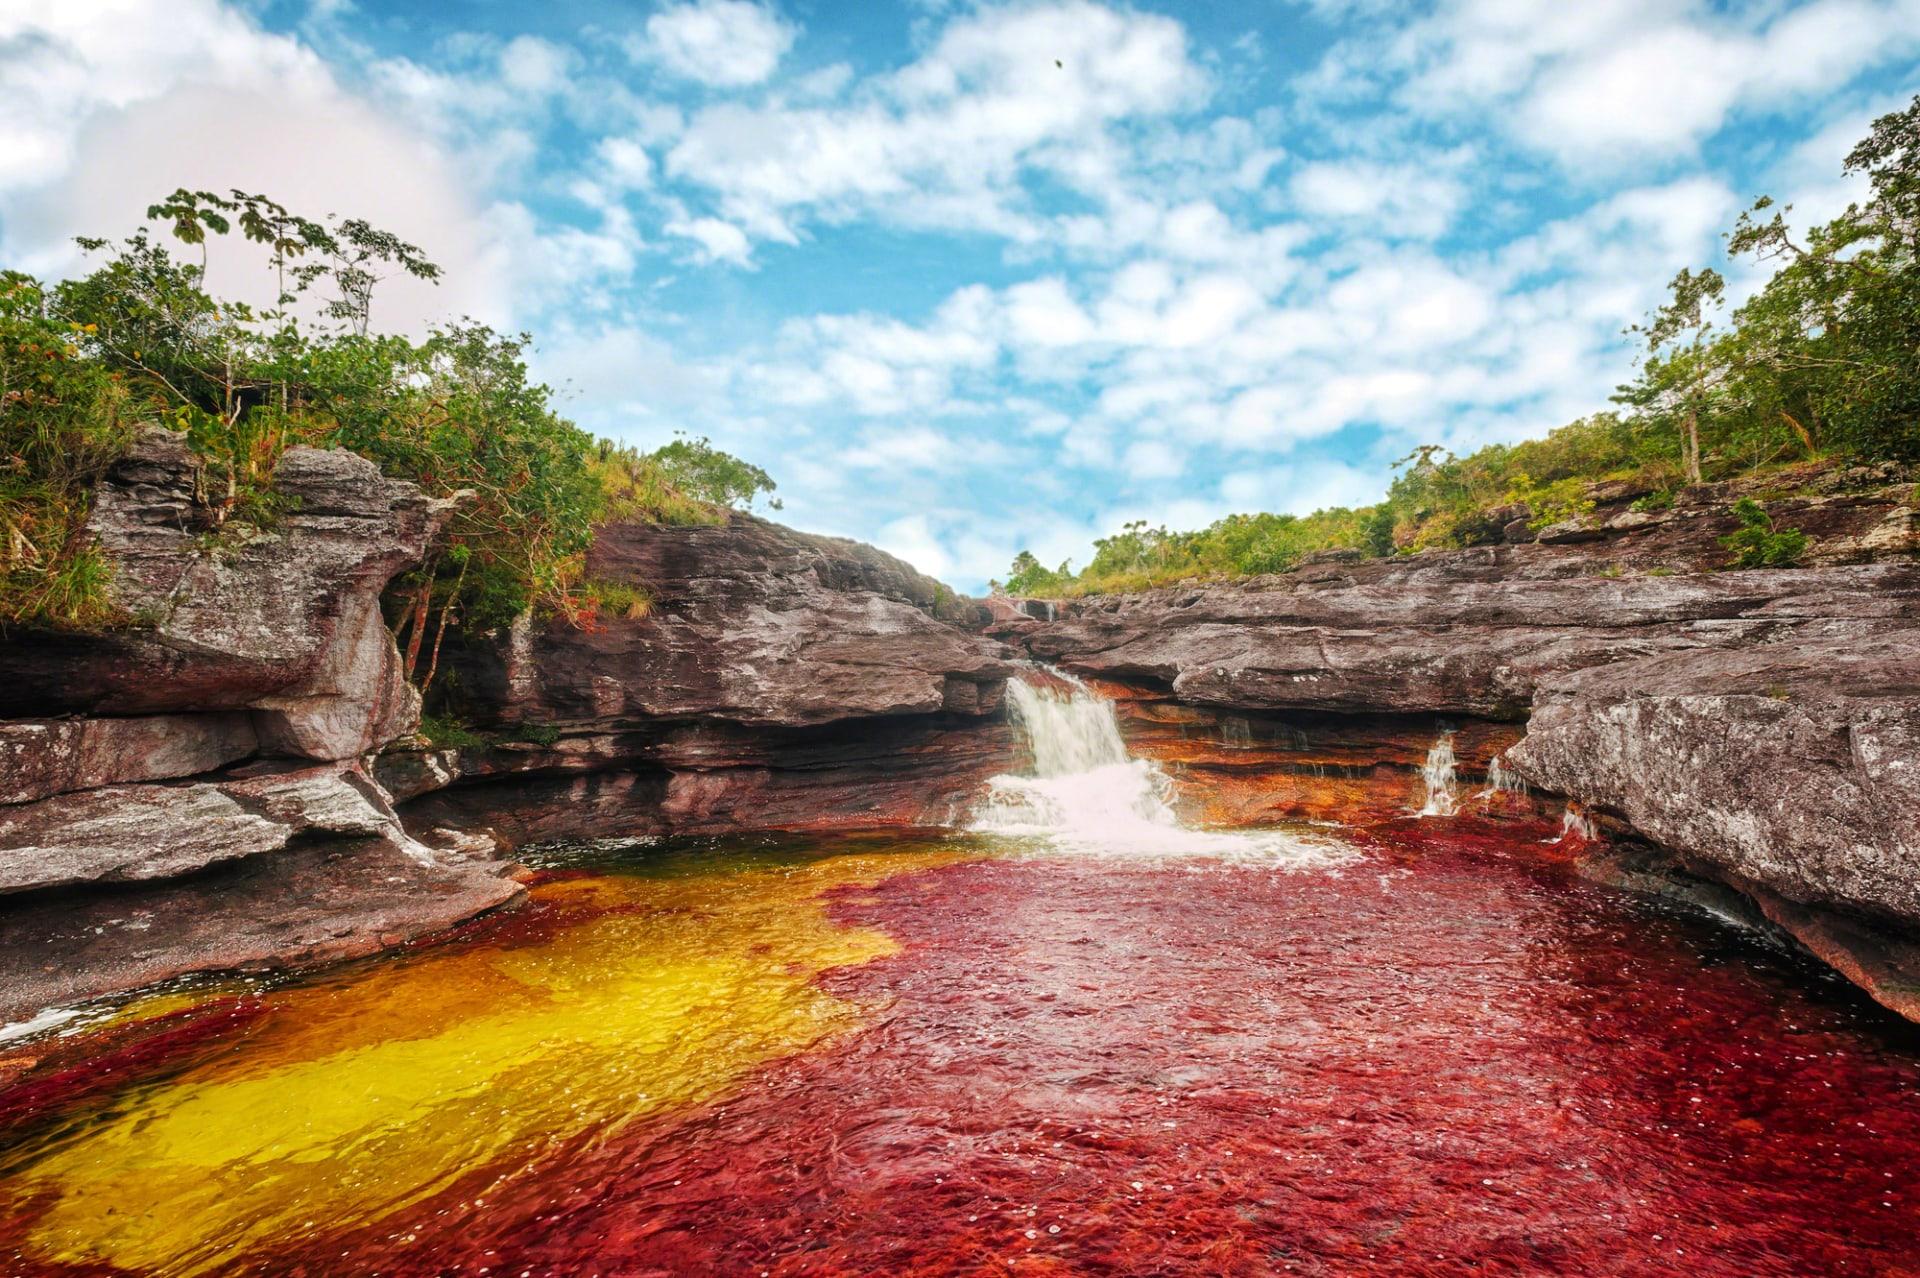 """ما السبب وراء تسمية هذا النهر في كولومبيا بـ""""""""قوس قزح السائل""""؟"""